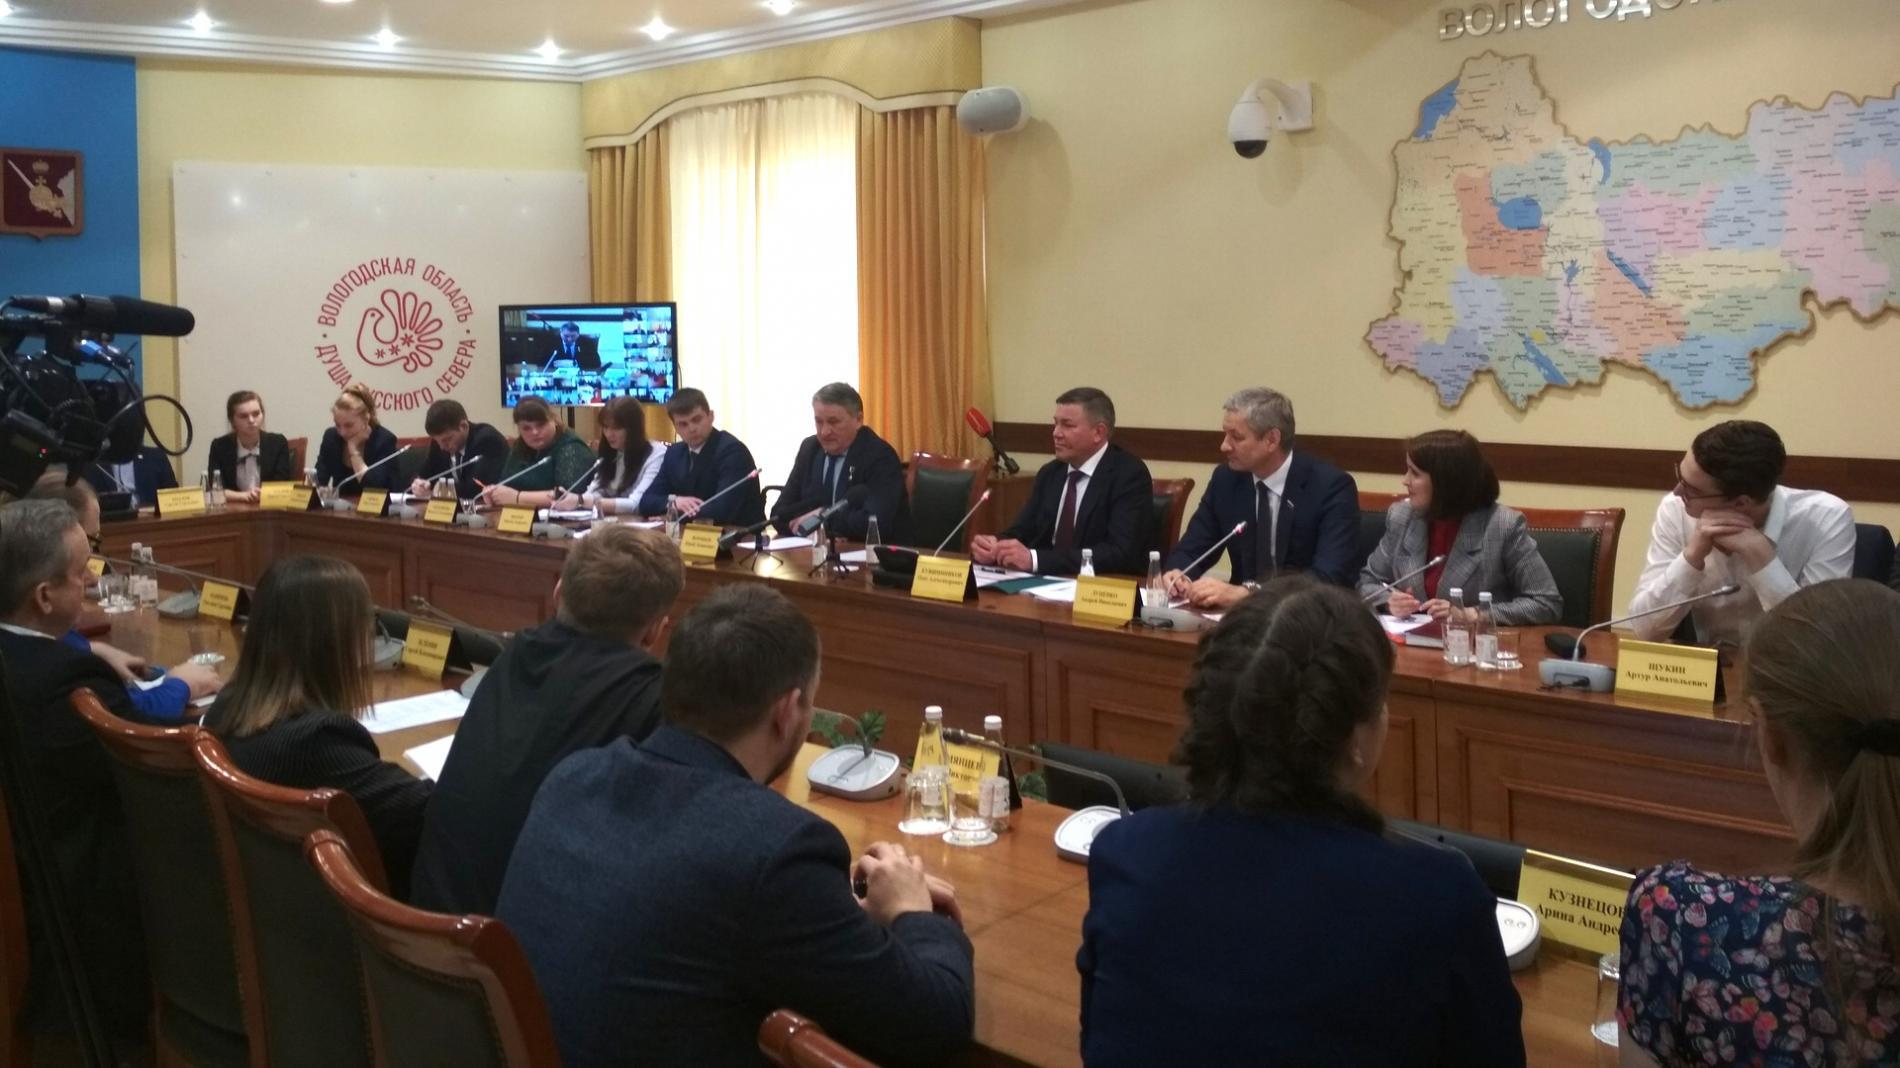 Губернатор Вологодской области провел прямую линию с молодыми парламентариями